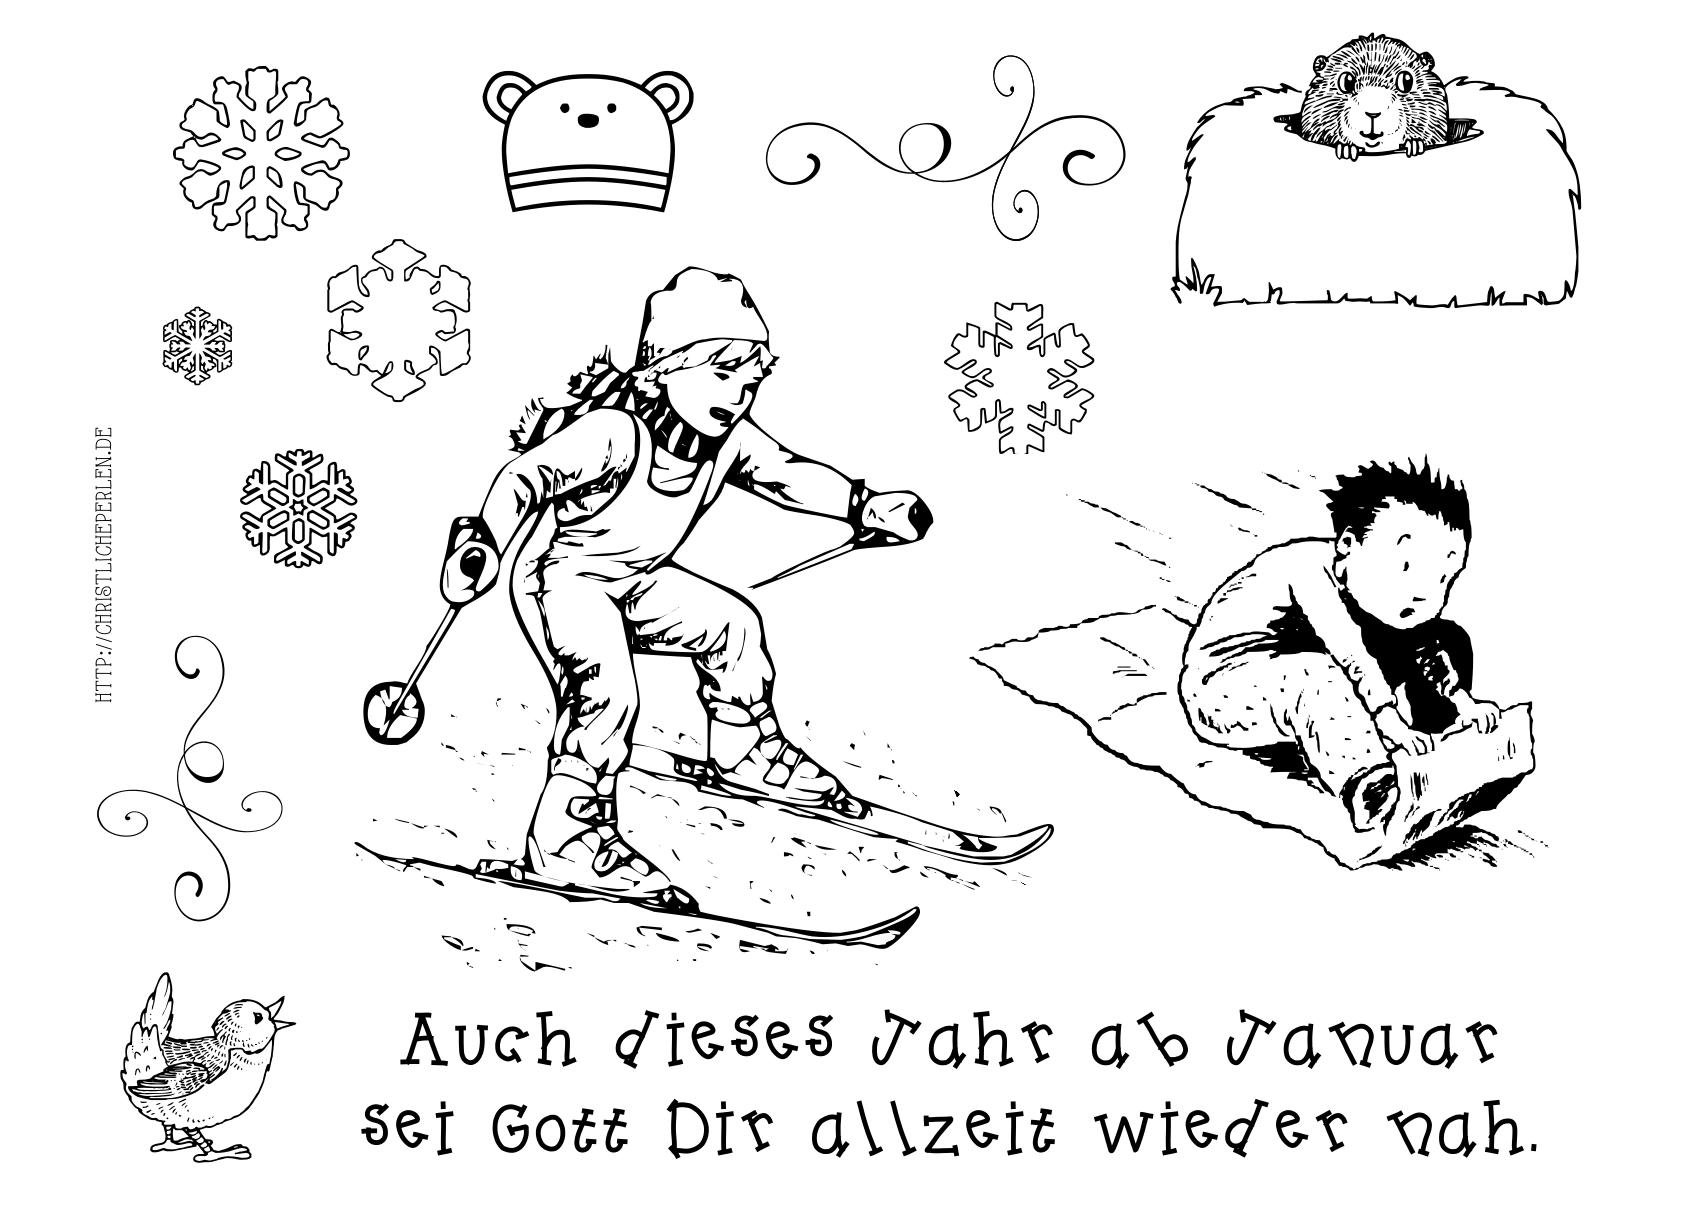 Fein Neue Jahre Druckbare Malvorlagen Fotos - Malvorlagen Von Tieren ...